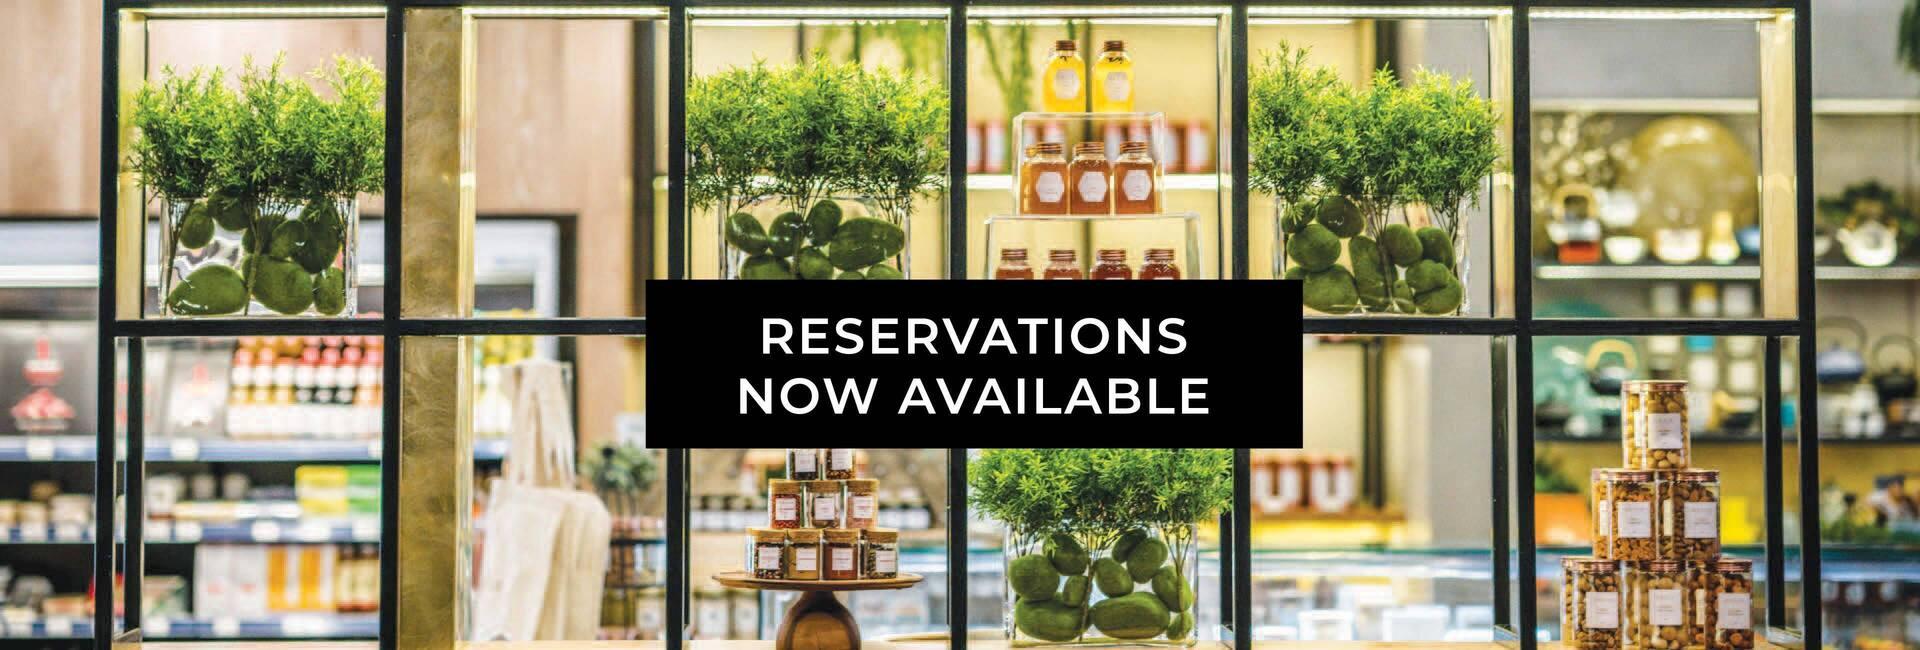 Slider onlinestore slide reservation 1300x3840 01